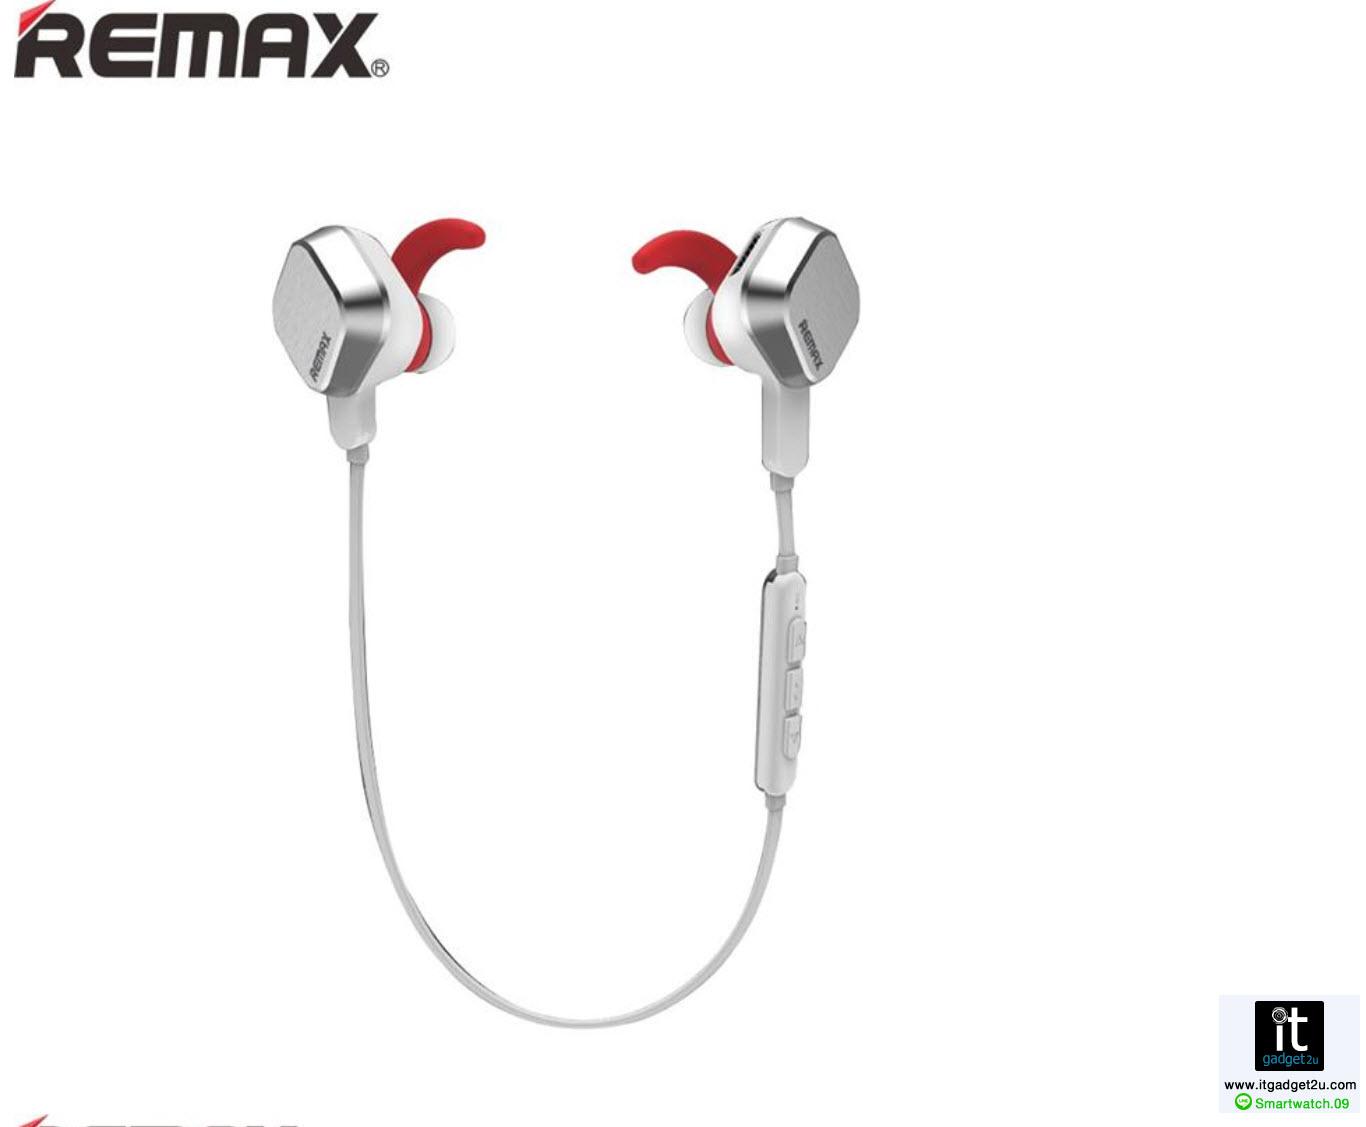 หูฟัง Small talk Headset Magnet Sport Remax แท้ สีแดง ปกติราคา 1250 ลดเหลือ 850 บาท